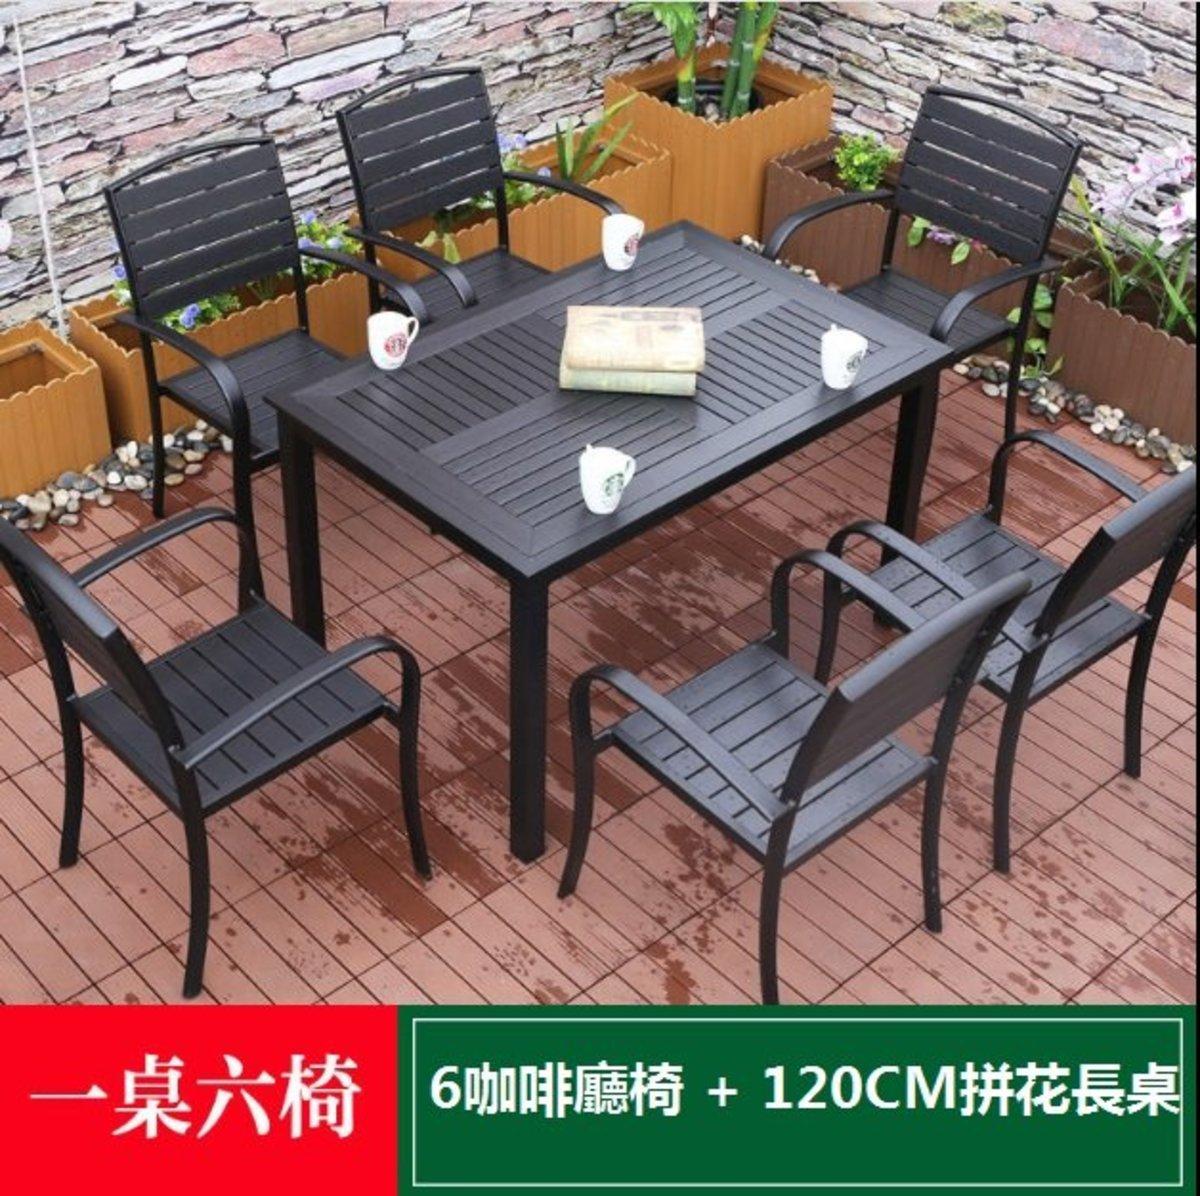 戶外塑木休閒桌椅(6咖啡廳椅+120CM拼花長桌)